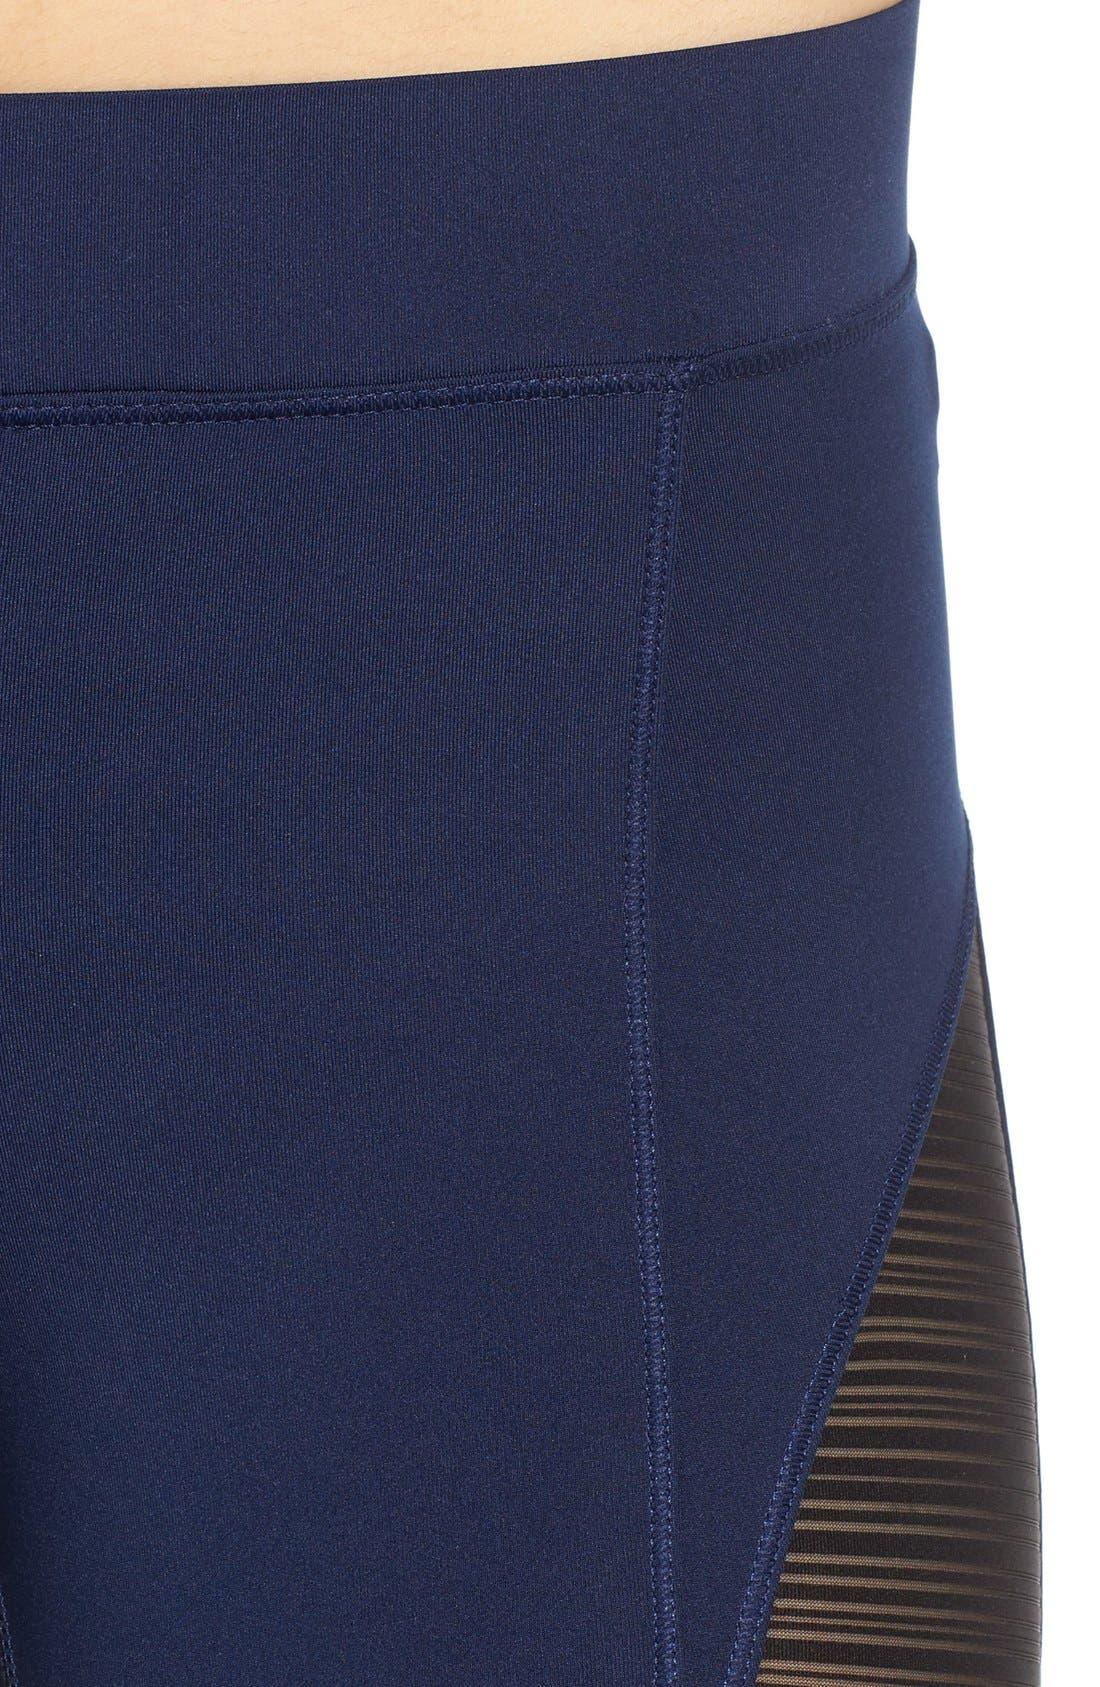 Linear Mesh V-Waist Capri Leggings,                             Alternate thumbnail 4, color,                             450